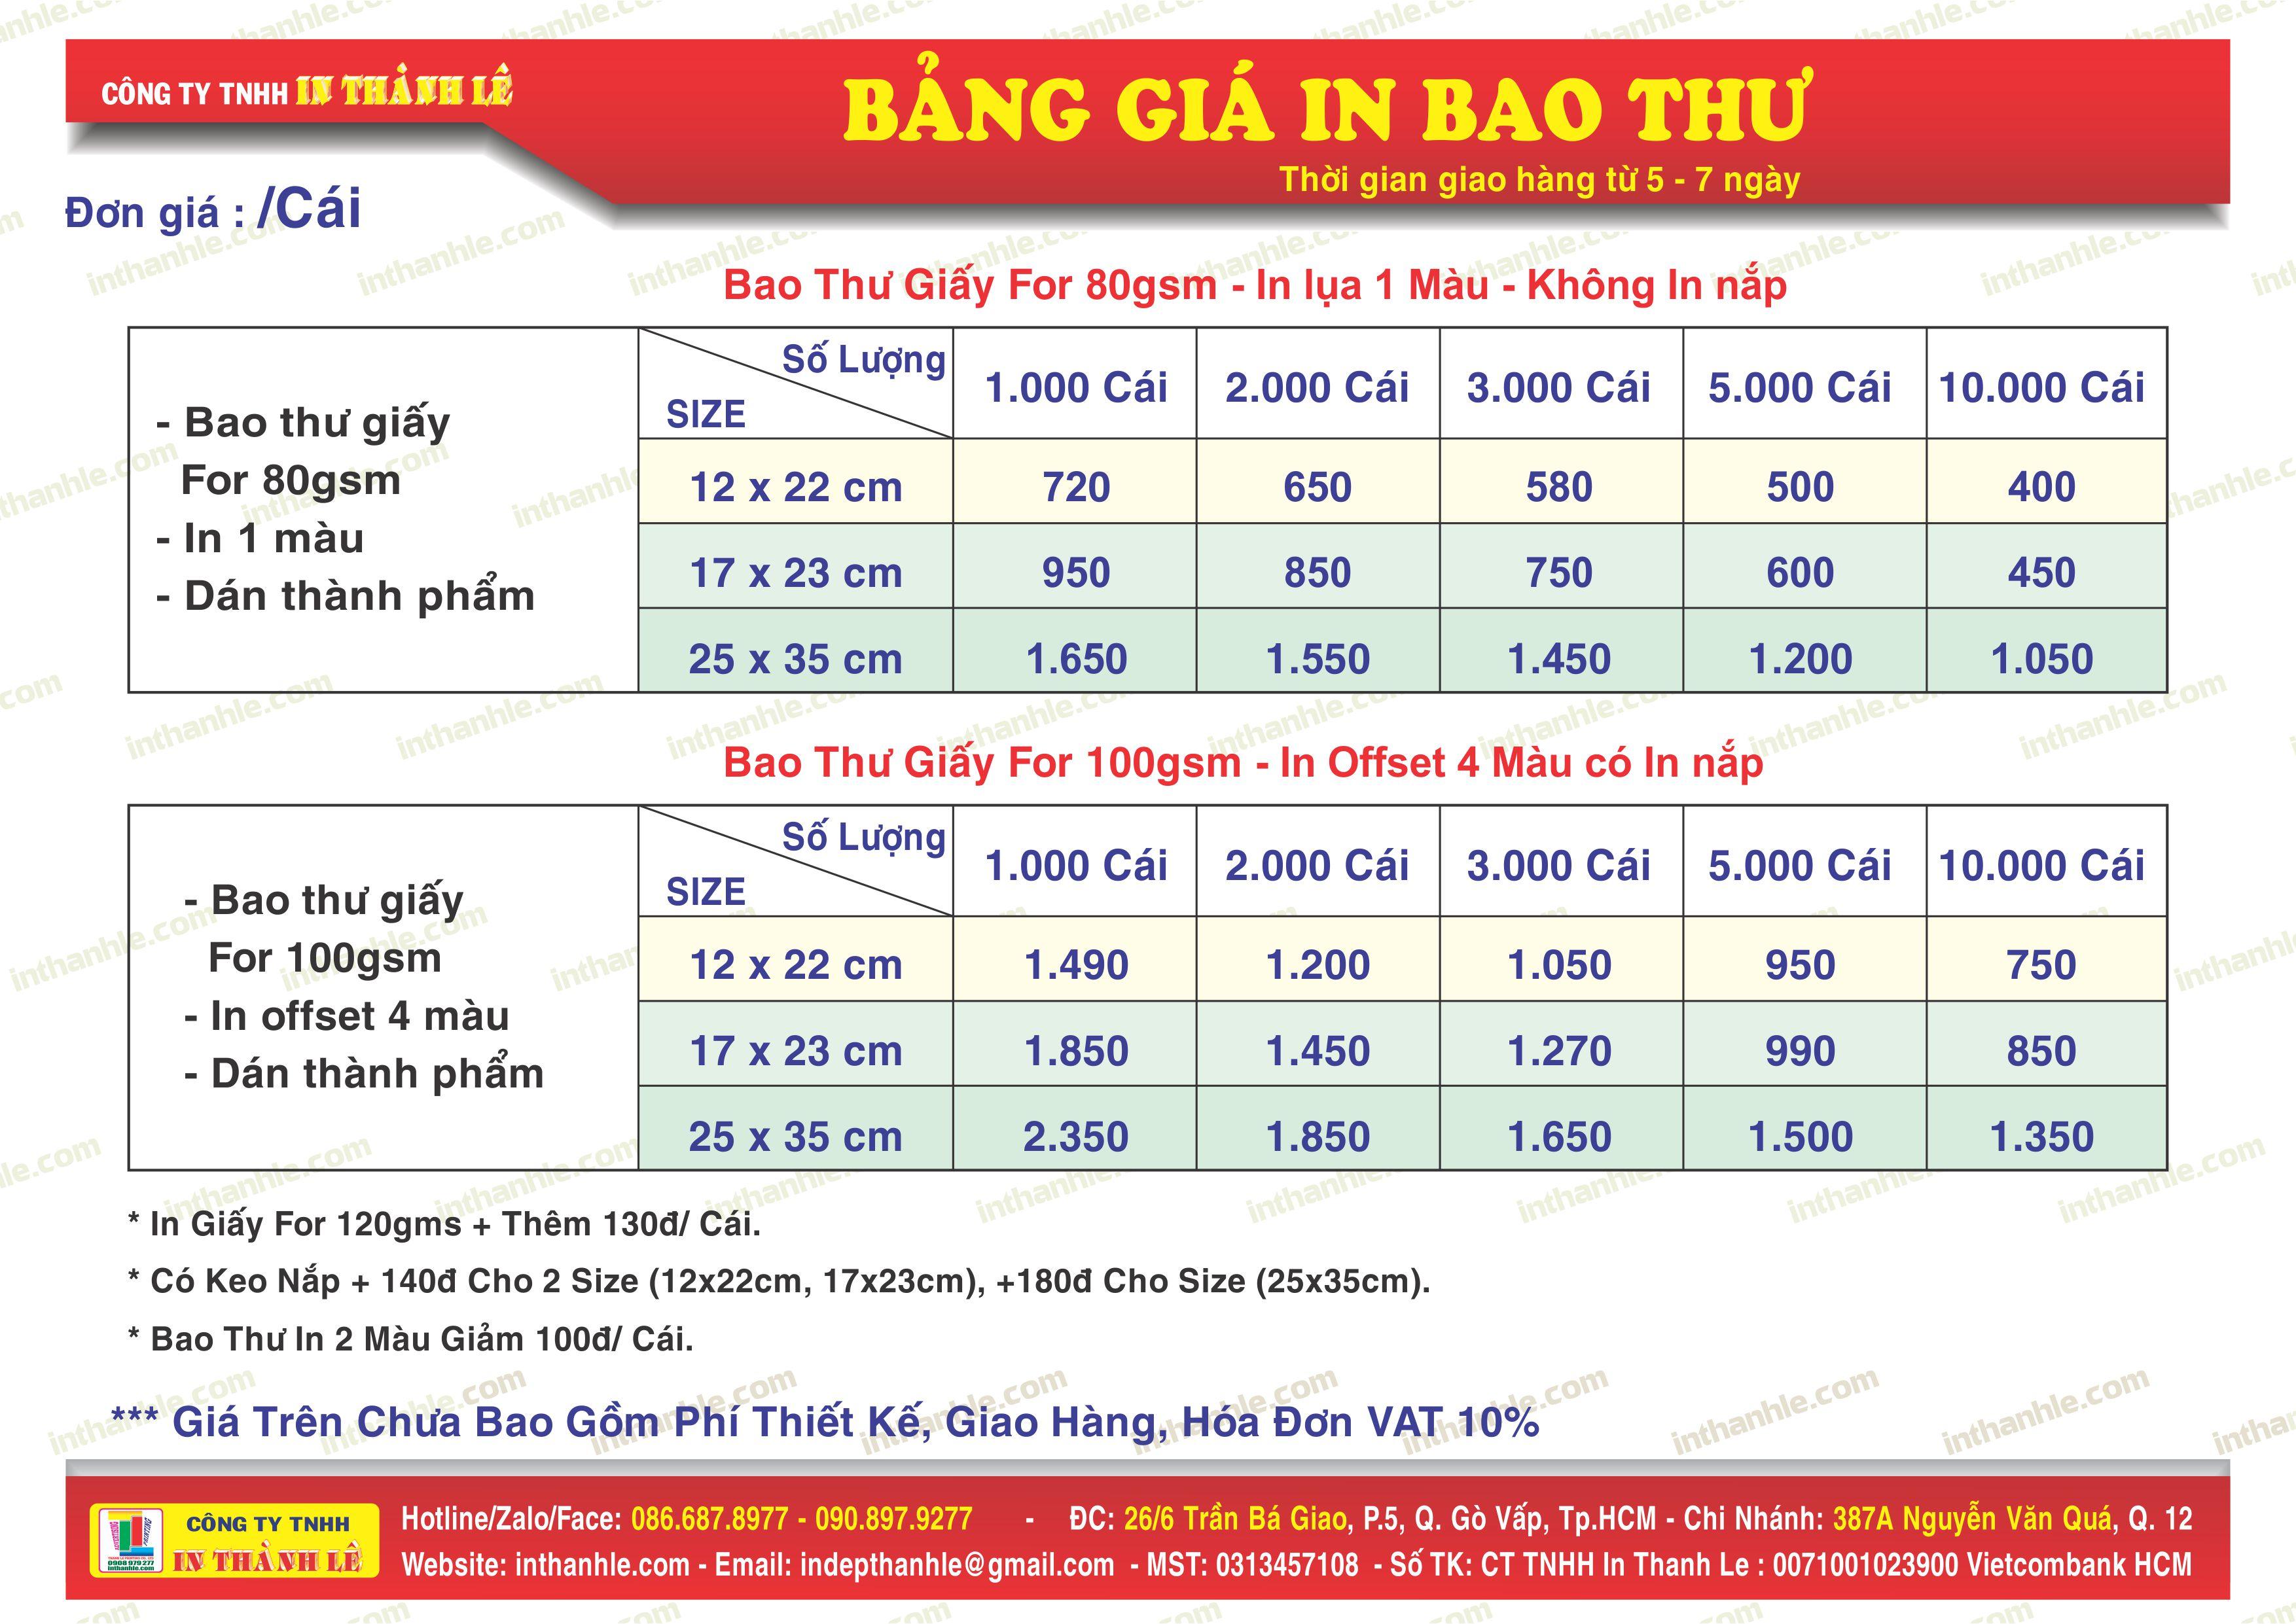 In Offset, Bao Thư, Túi Xách, Tờ Rơi, Danh Thiếp, Decal, Bao Bì